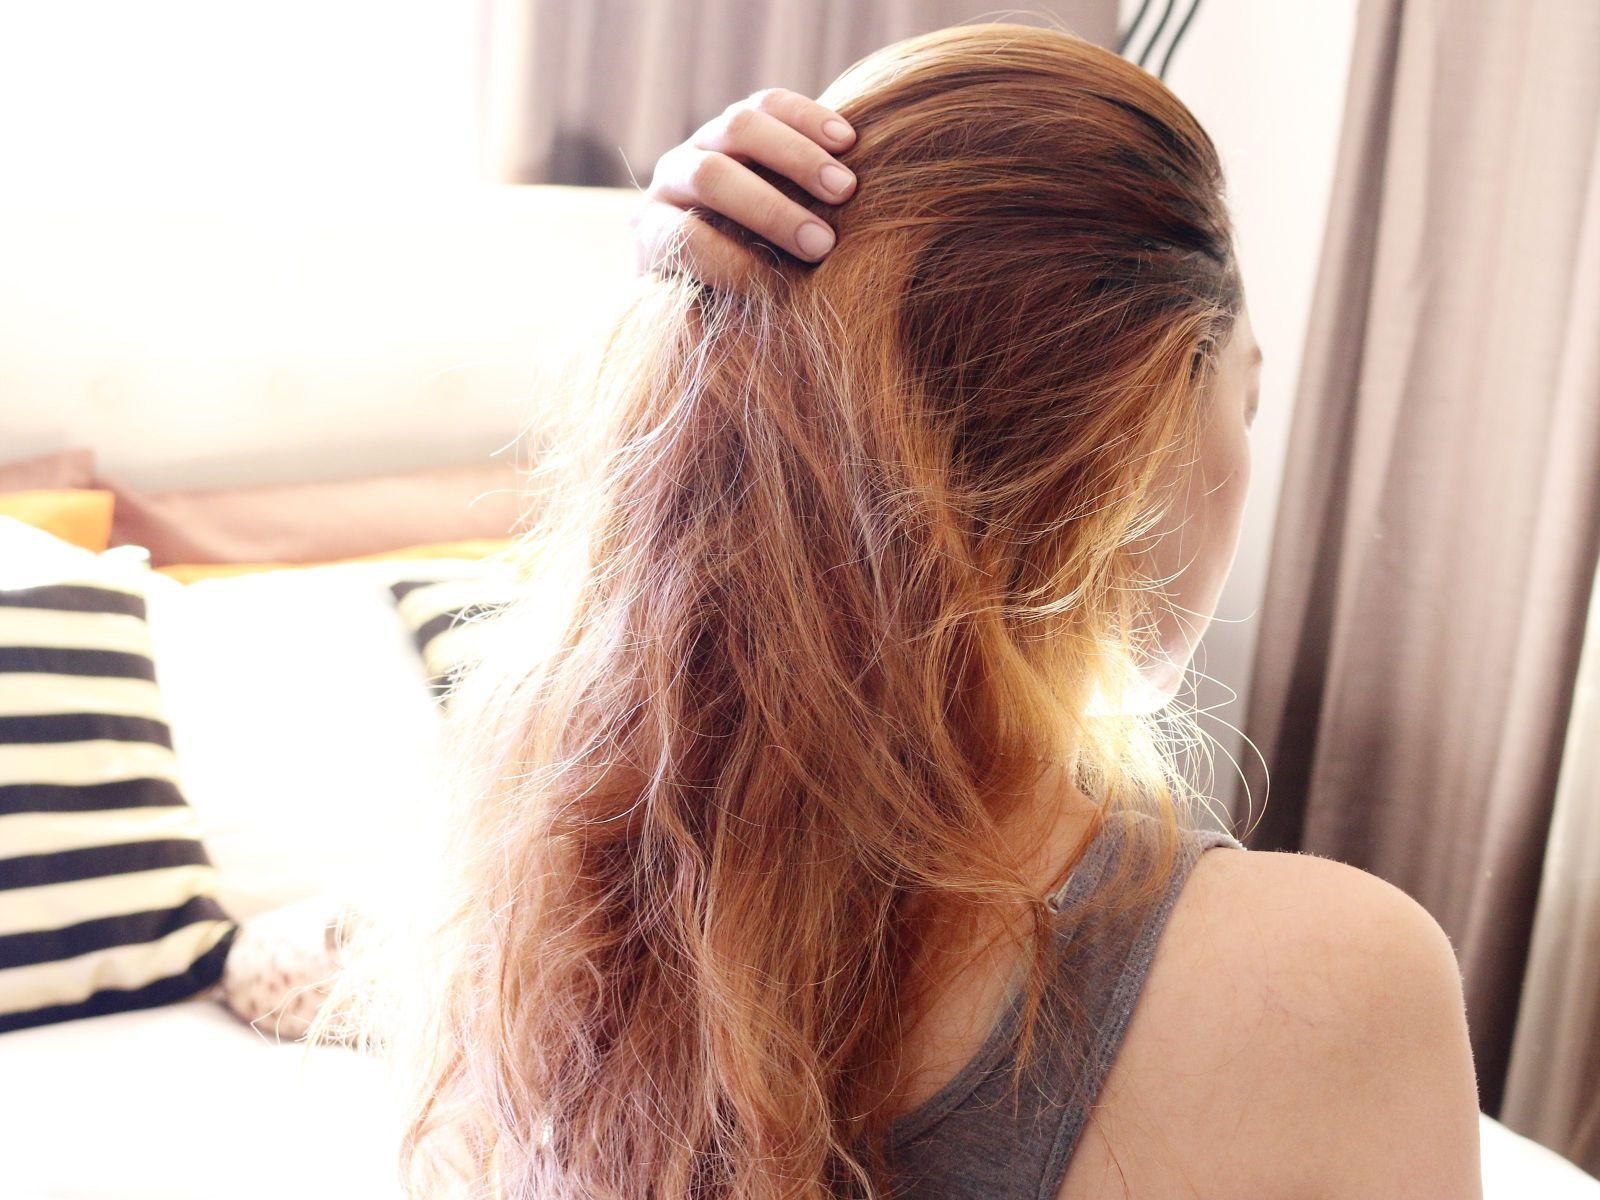 وصفات طبيعية للتخلص من قشرة الشعر (1)